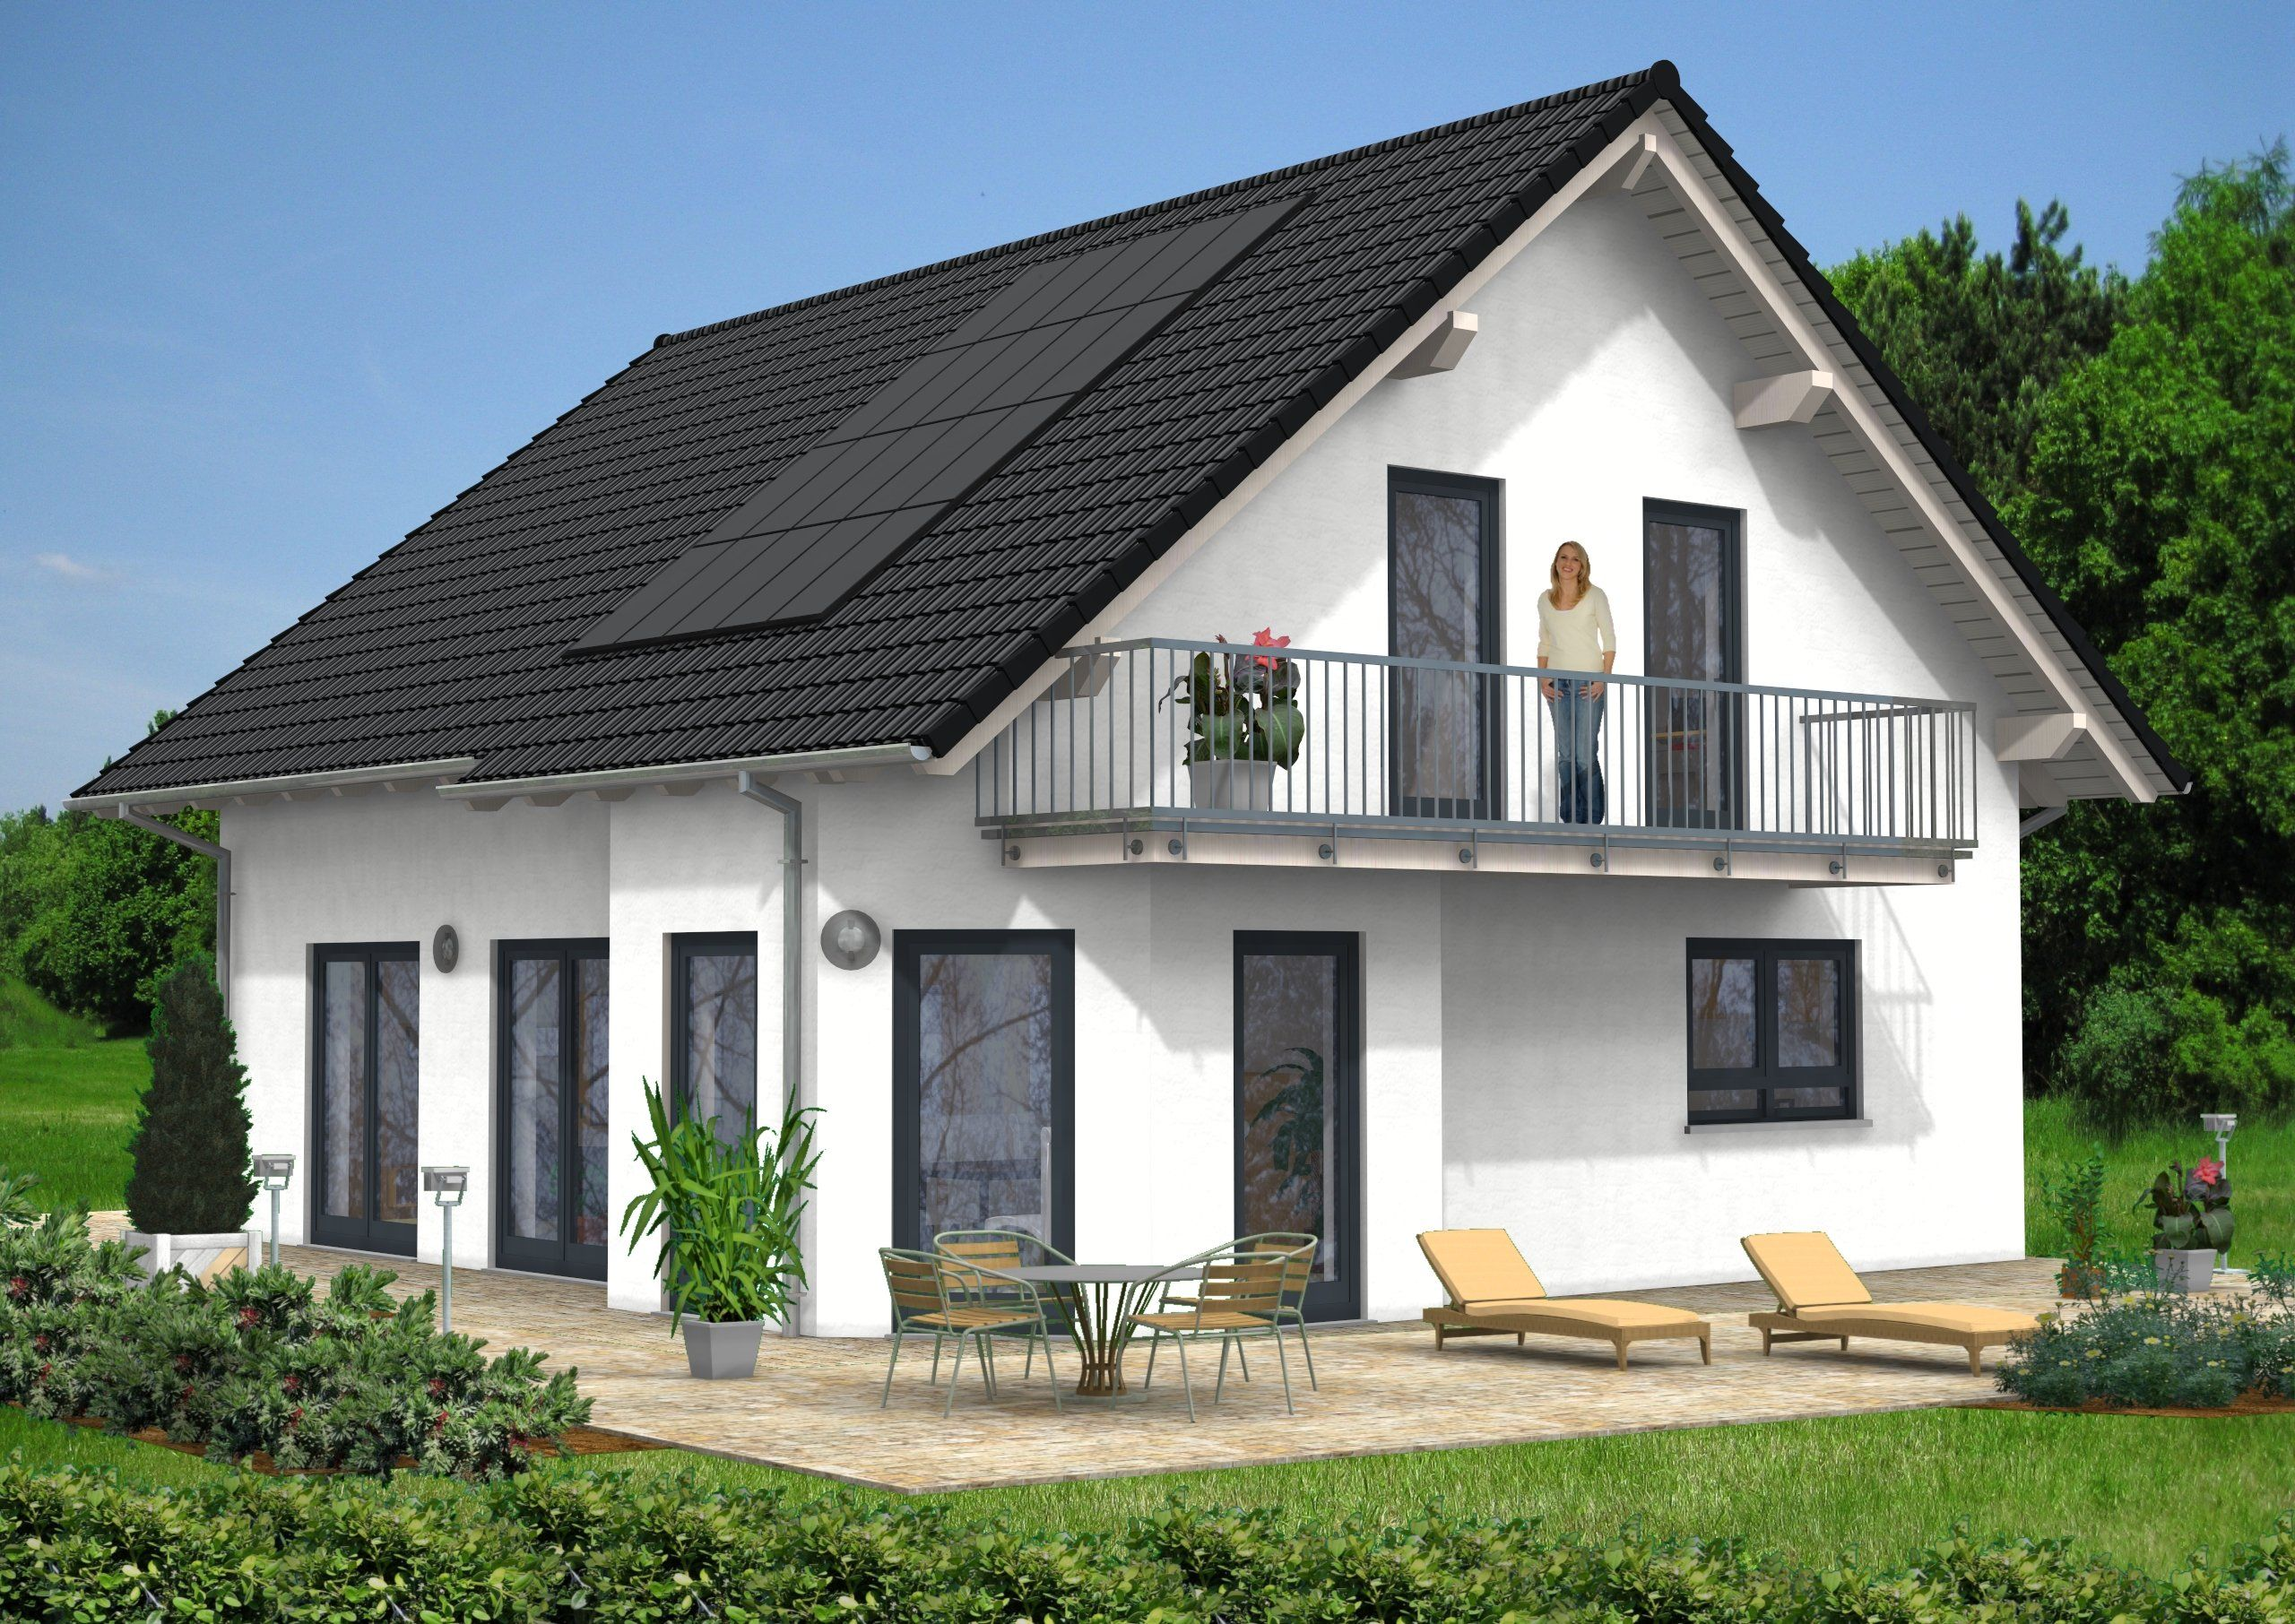 Ökologischer Hausbau in Leutkirch im Allgäu. Ihr